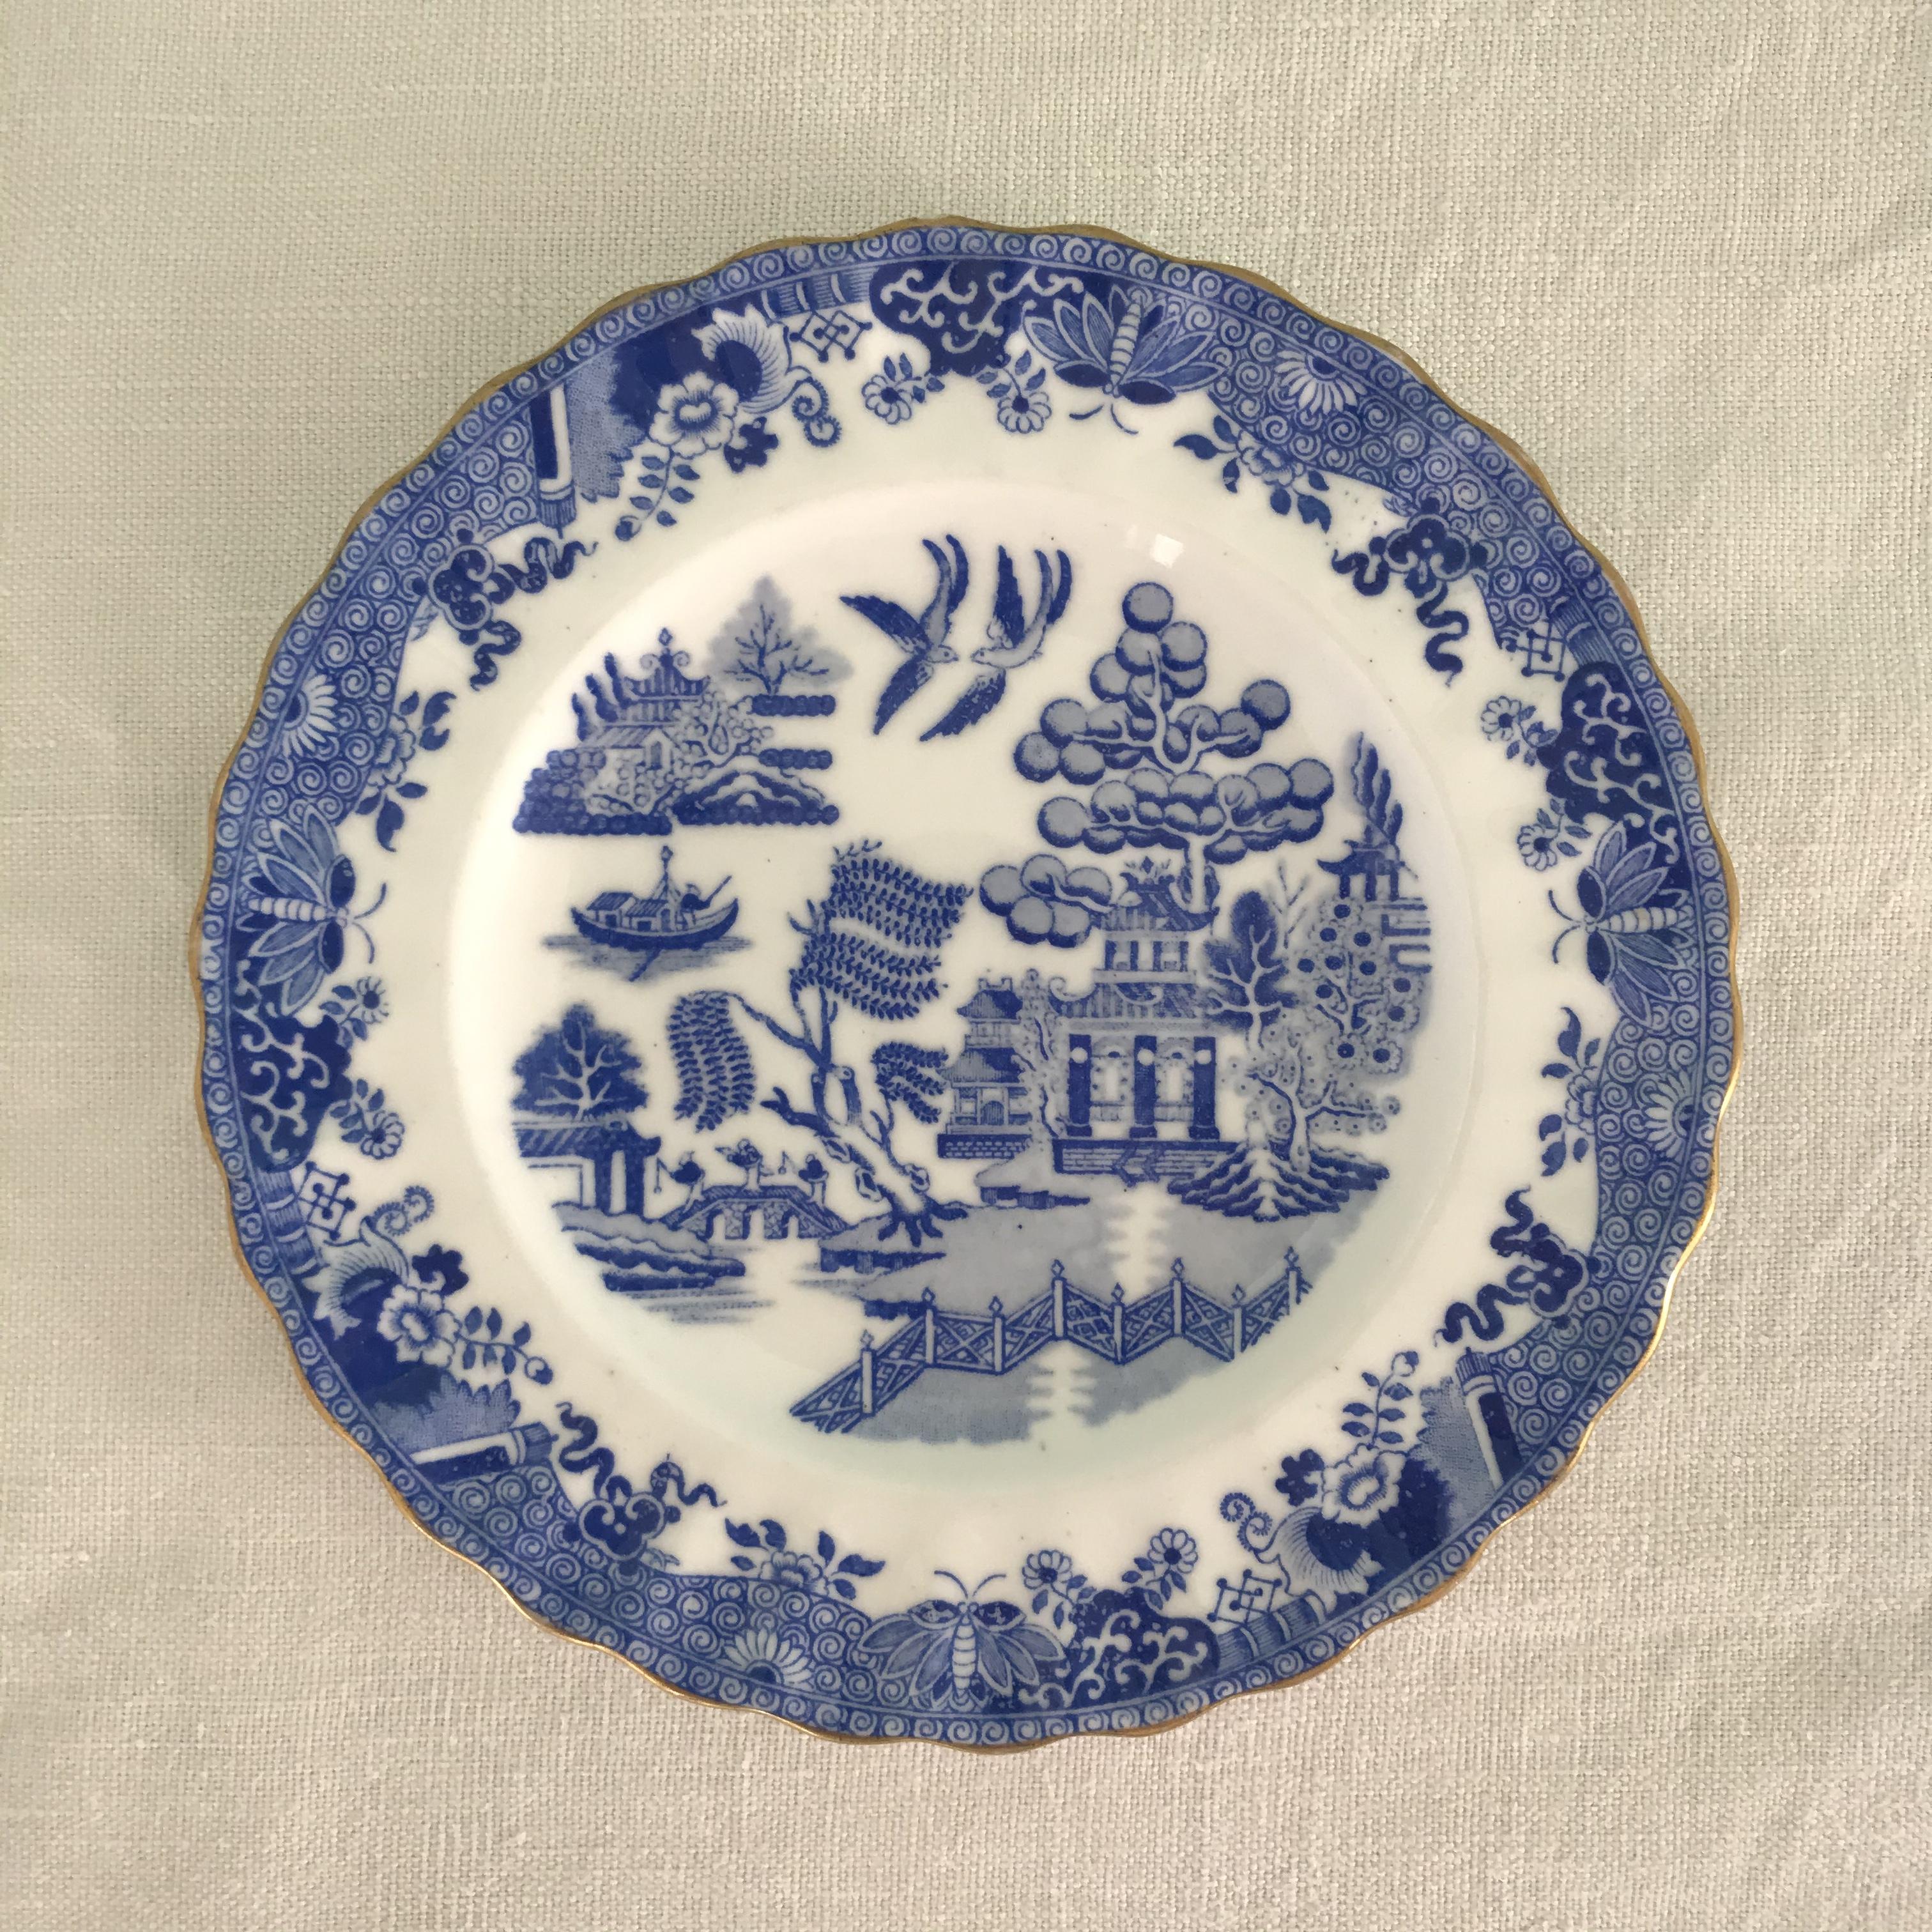 1888年 ウィロー柄のケーキ皿